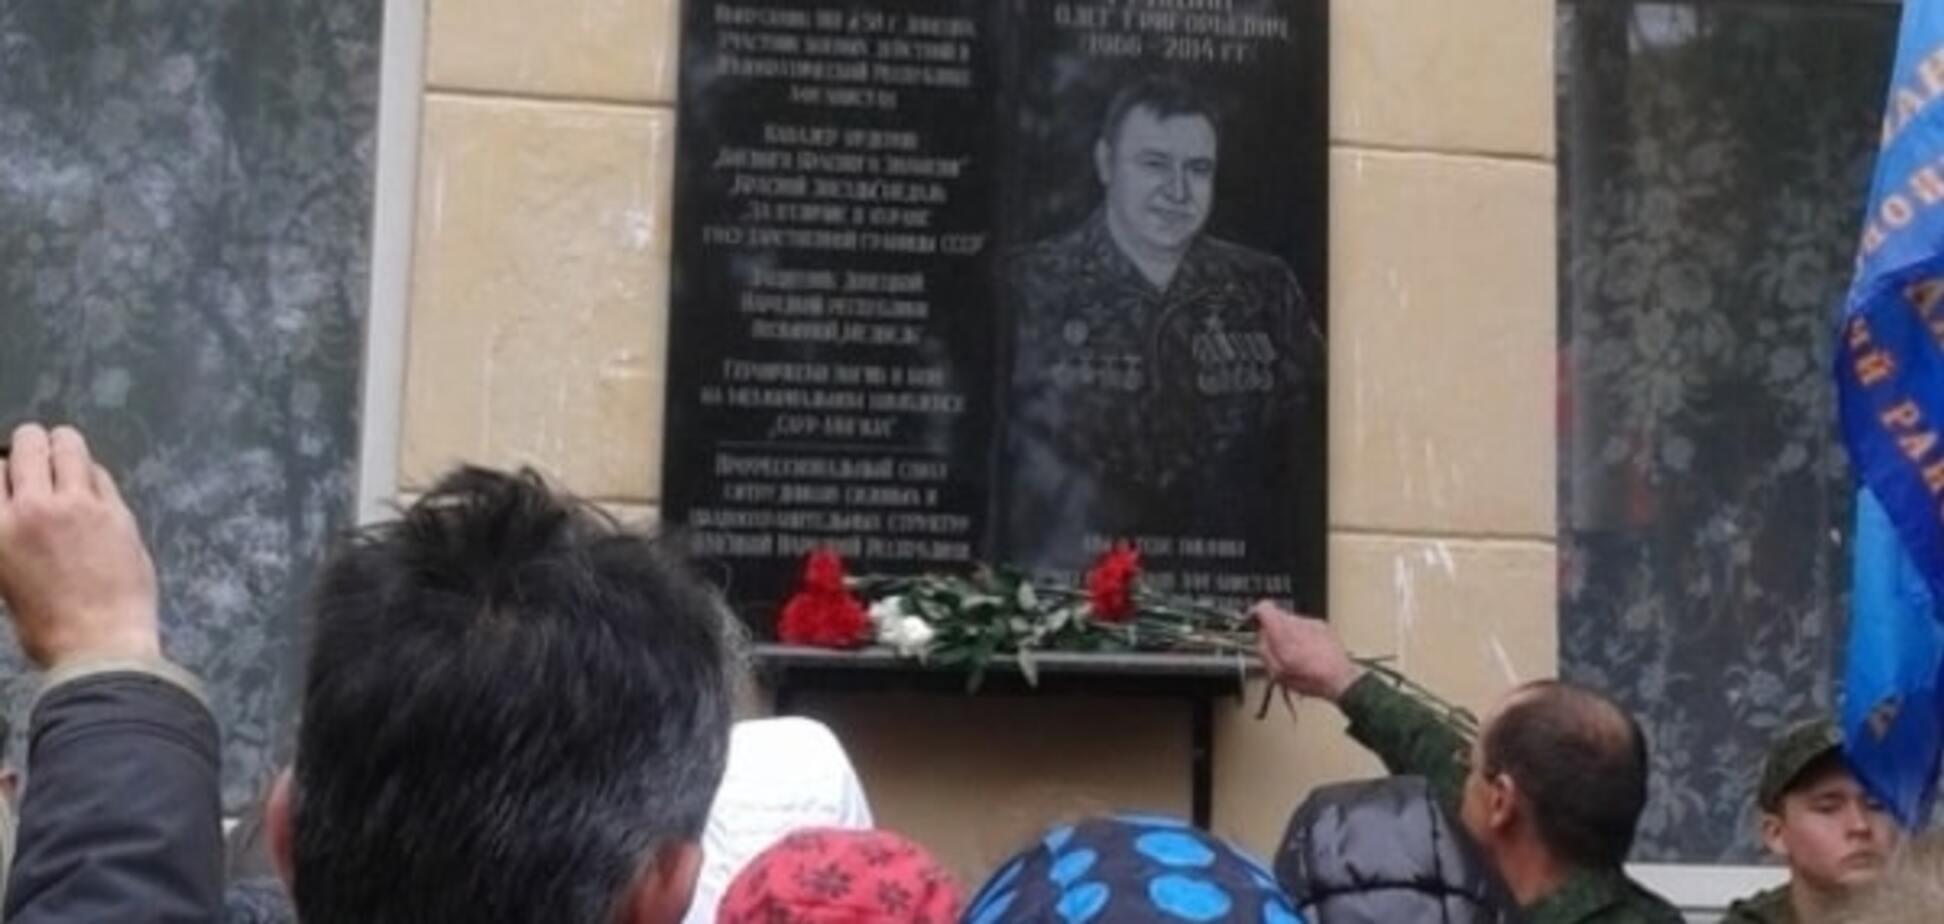 В 'геройській школі' Донецька відкрили меморіальну дошку на честь терориста: фотофакт